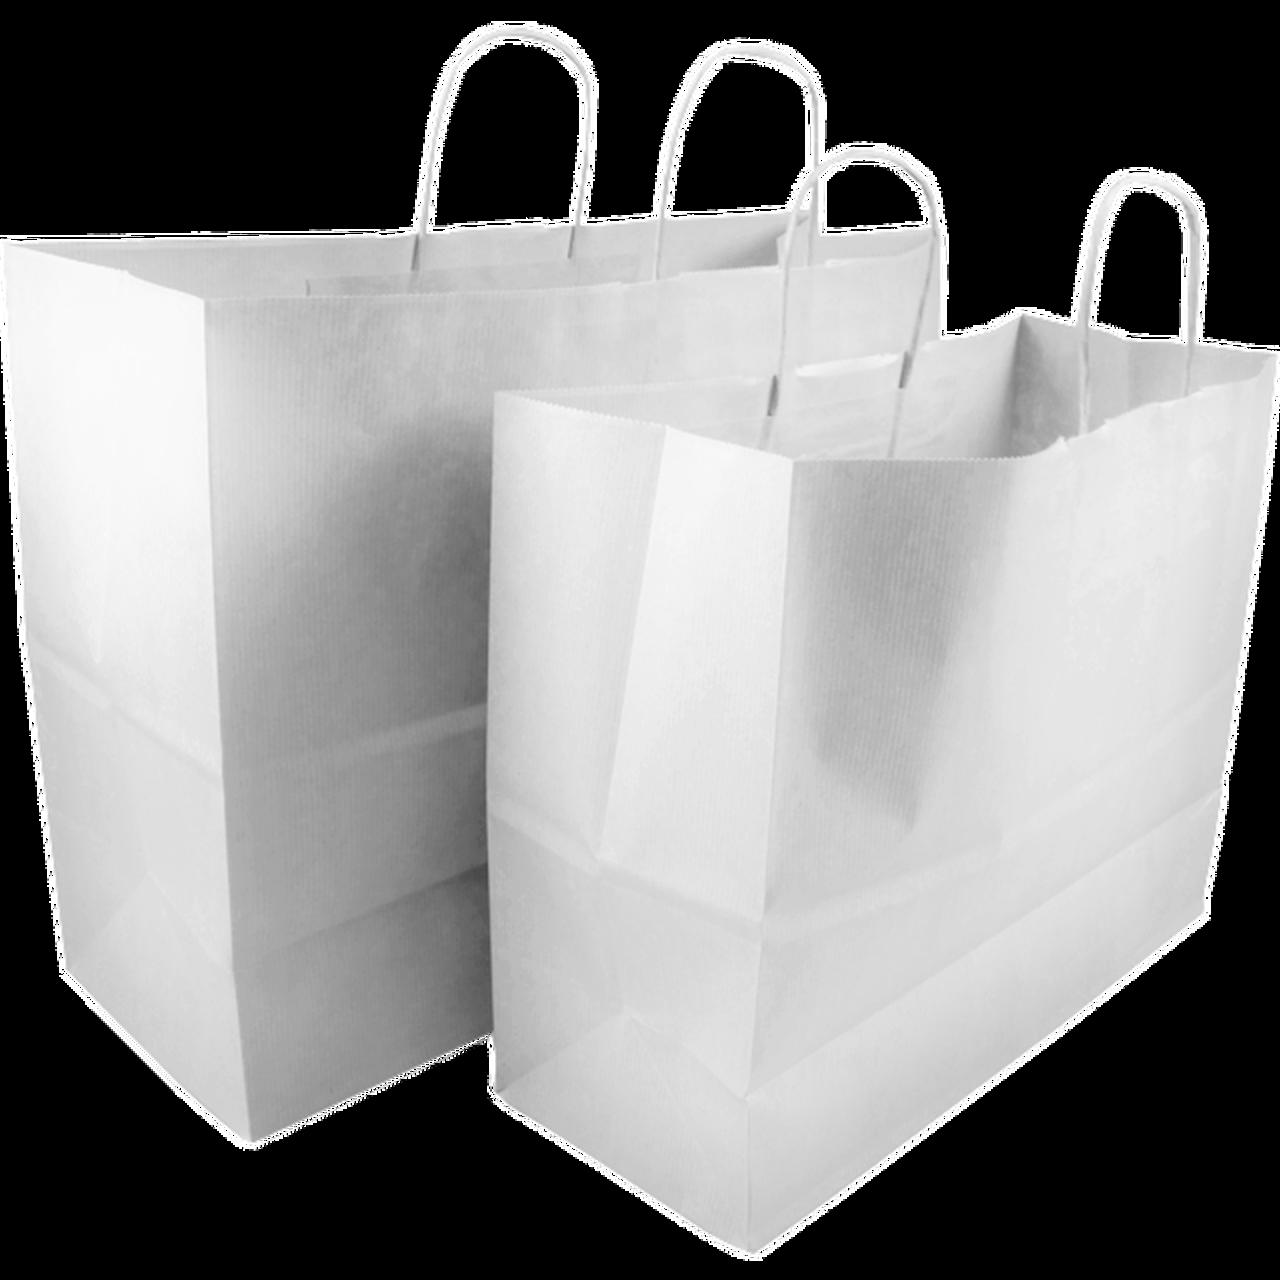 sacchetti personalizzati maniglia ritorta bianchi